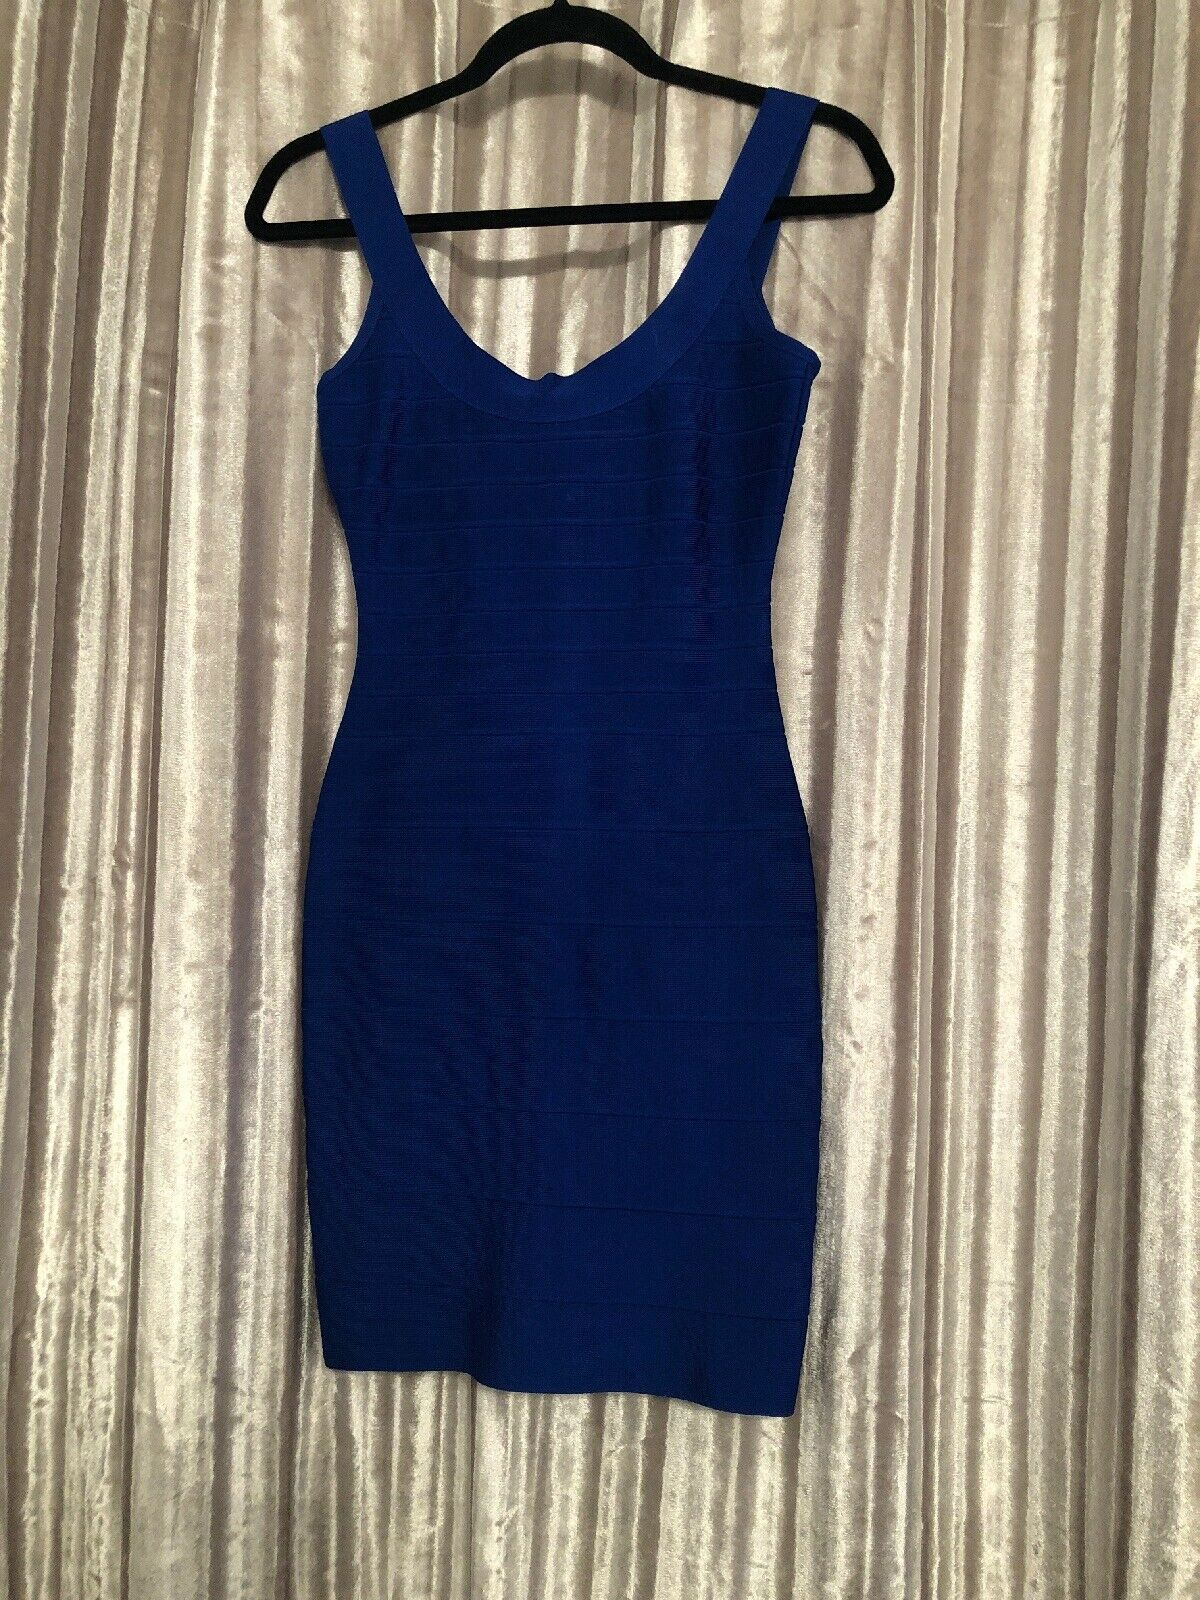 Celeb City Bodycon Dress Size 8   10